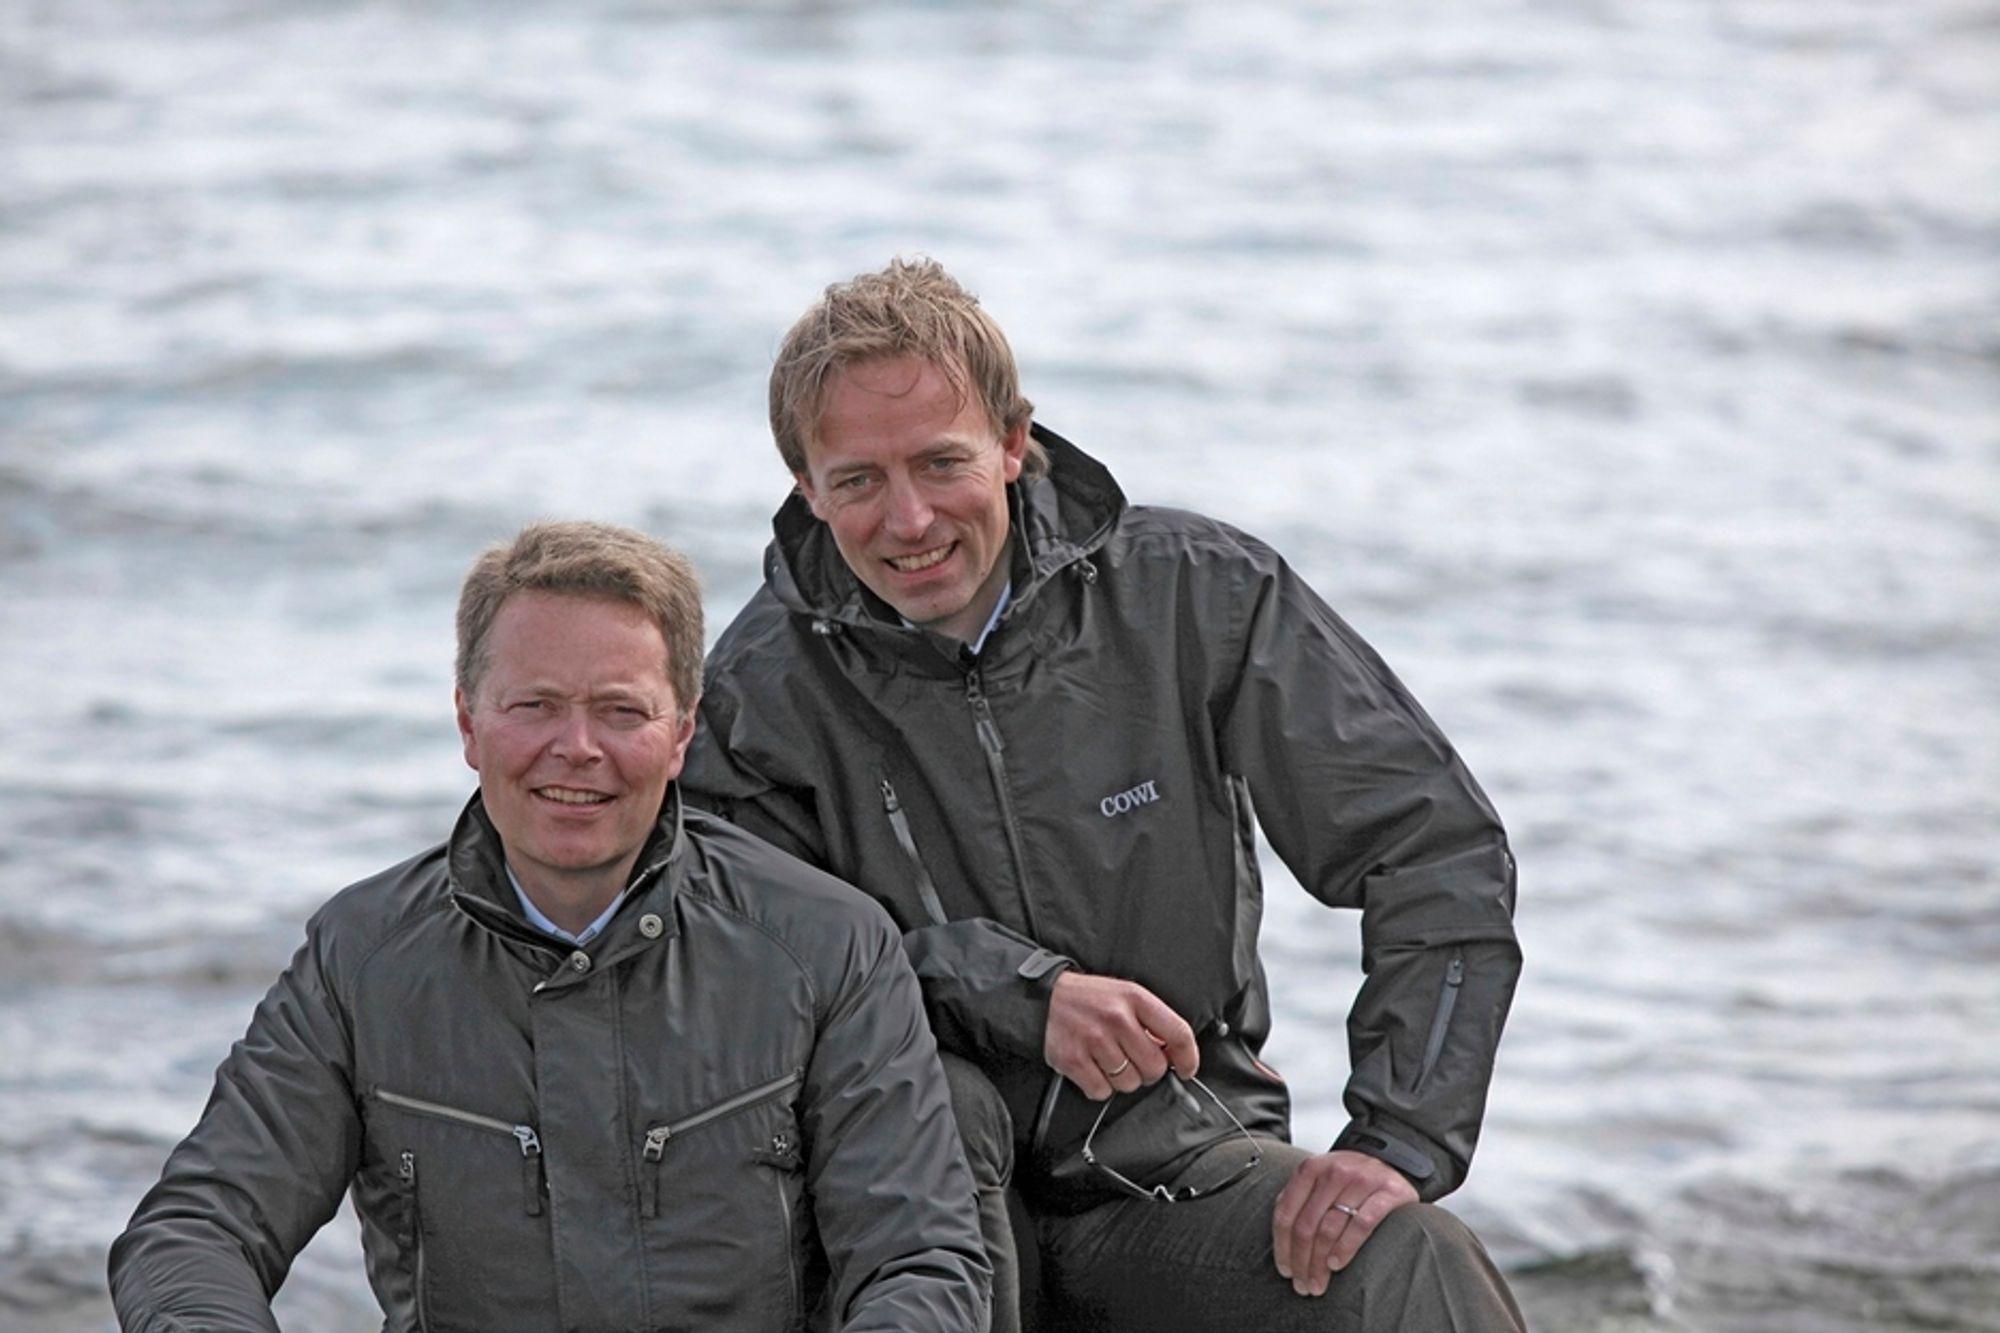 SKIFTE:Christian Nørgaard Madsen, til venstre, forlater Cowi, og Terje Bygland Nicolaisen blir inntil videre konstituert i stillingen som konsernsjef.